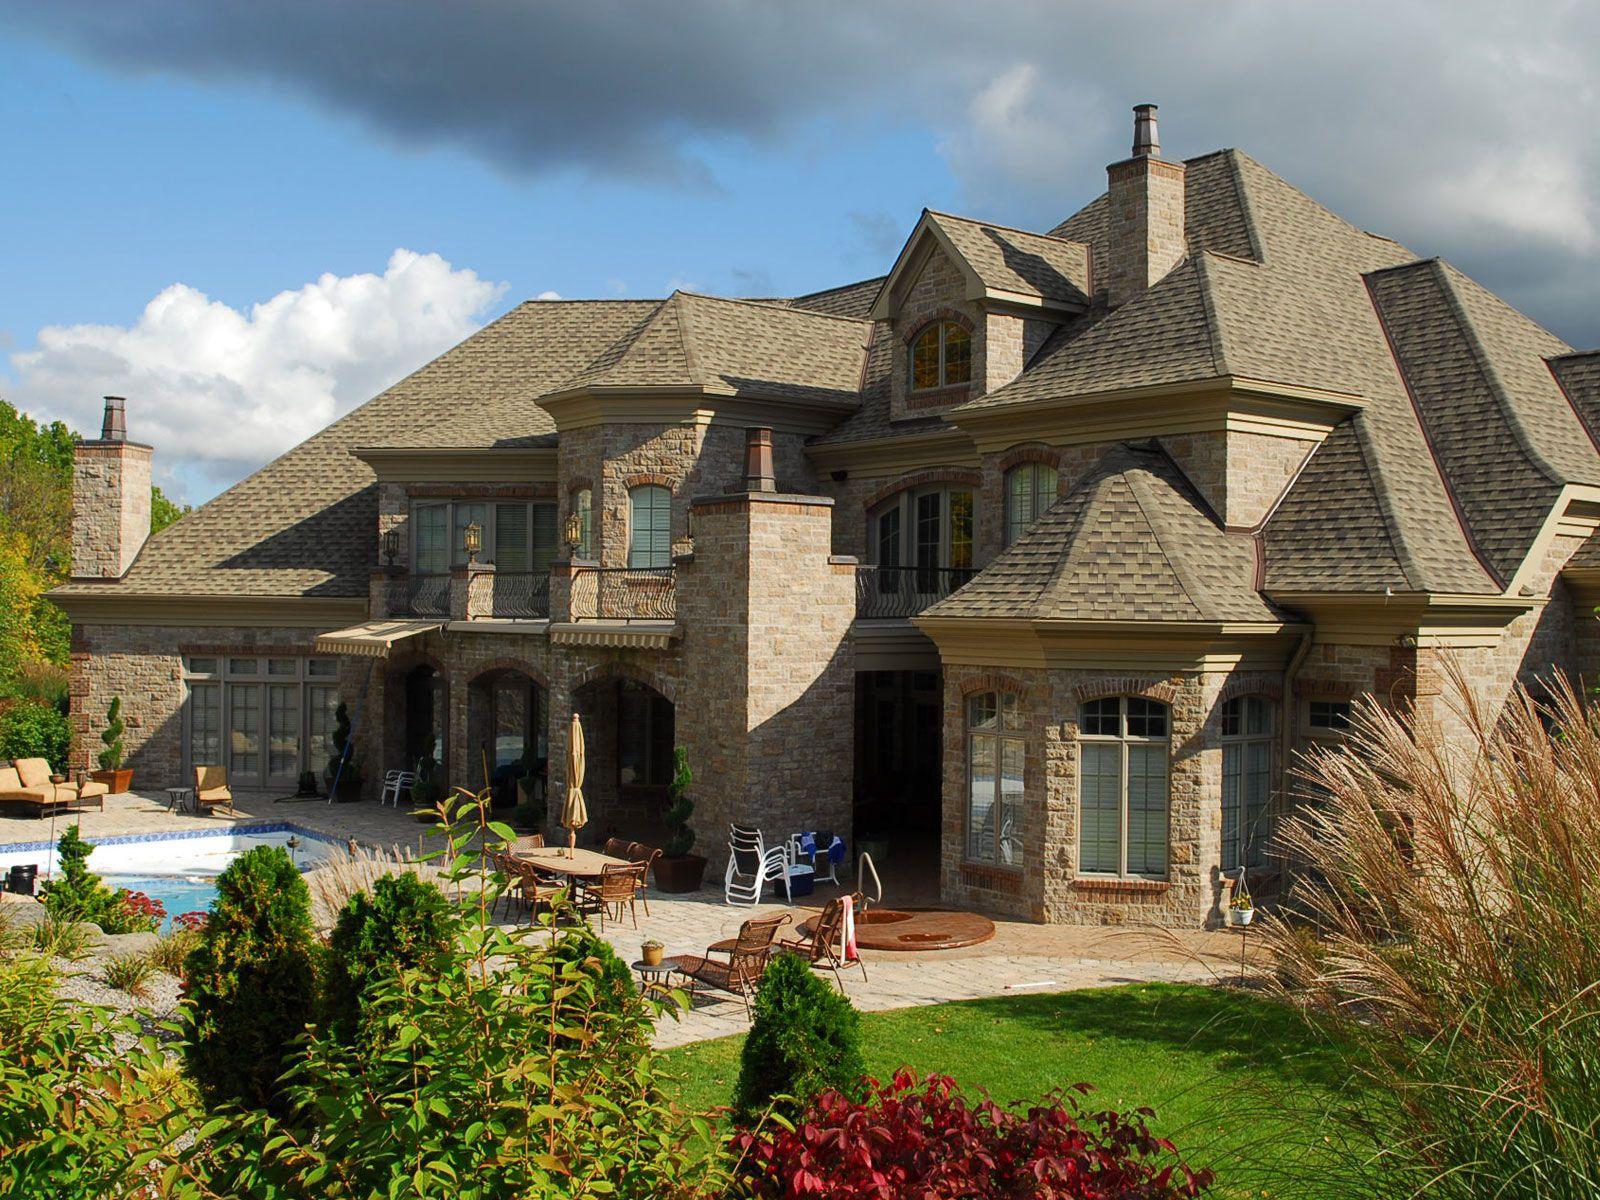 Cambria Q Stone With Clay Brick Accents Dream Home